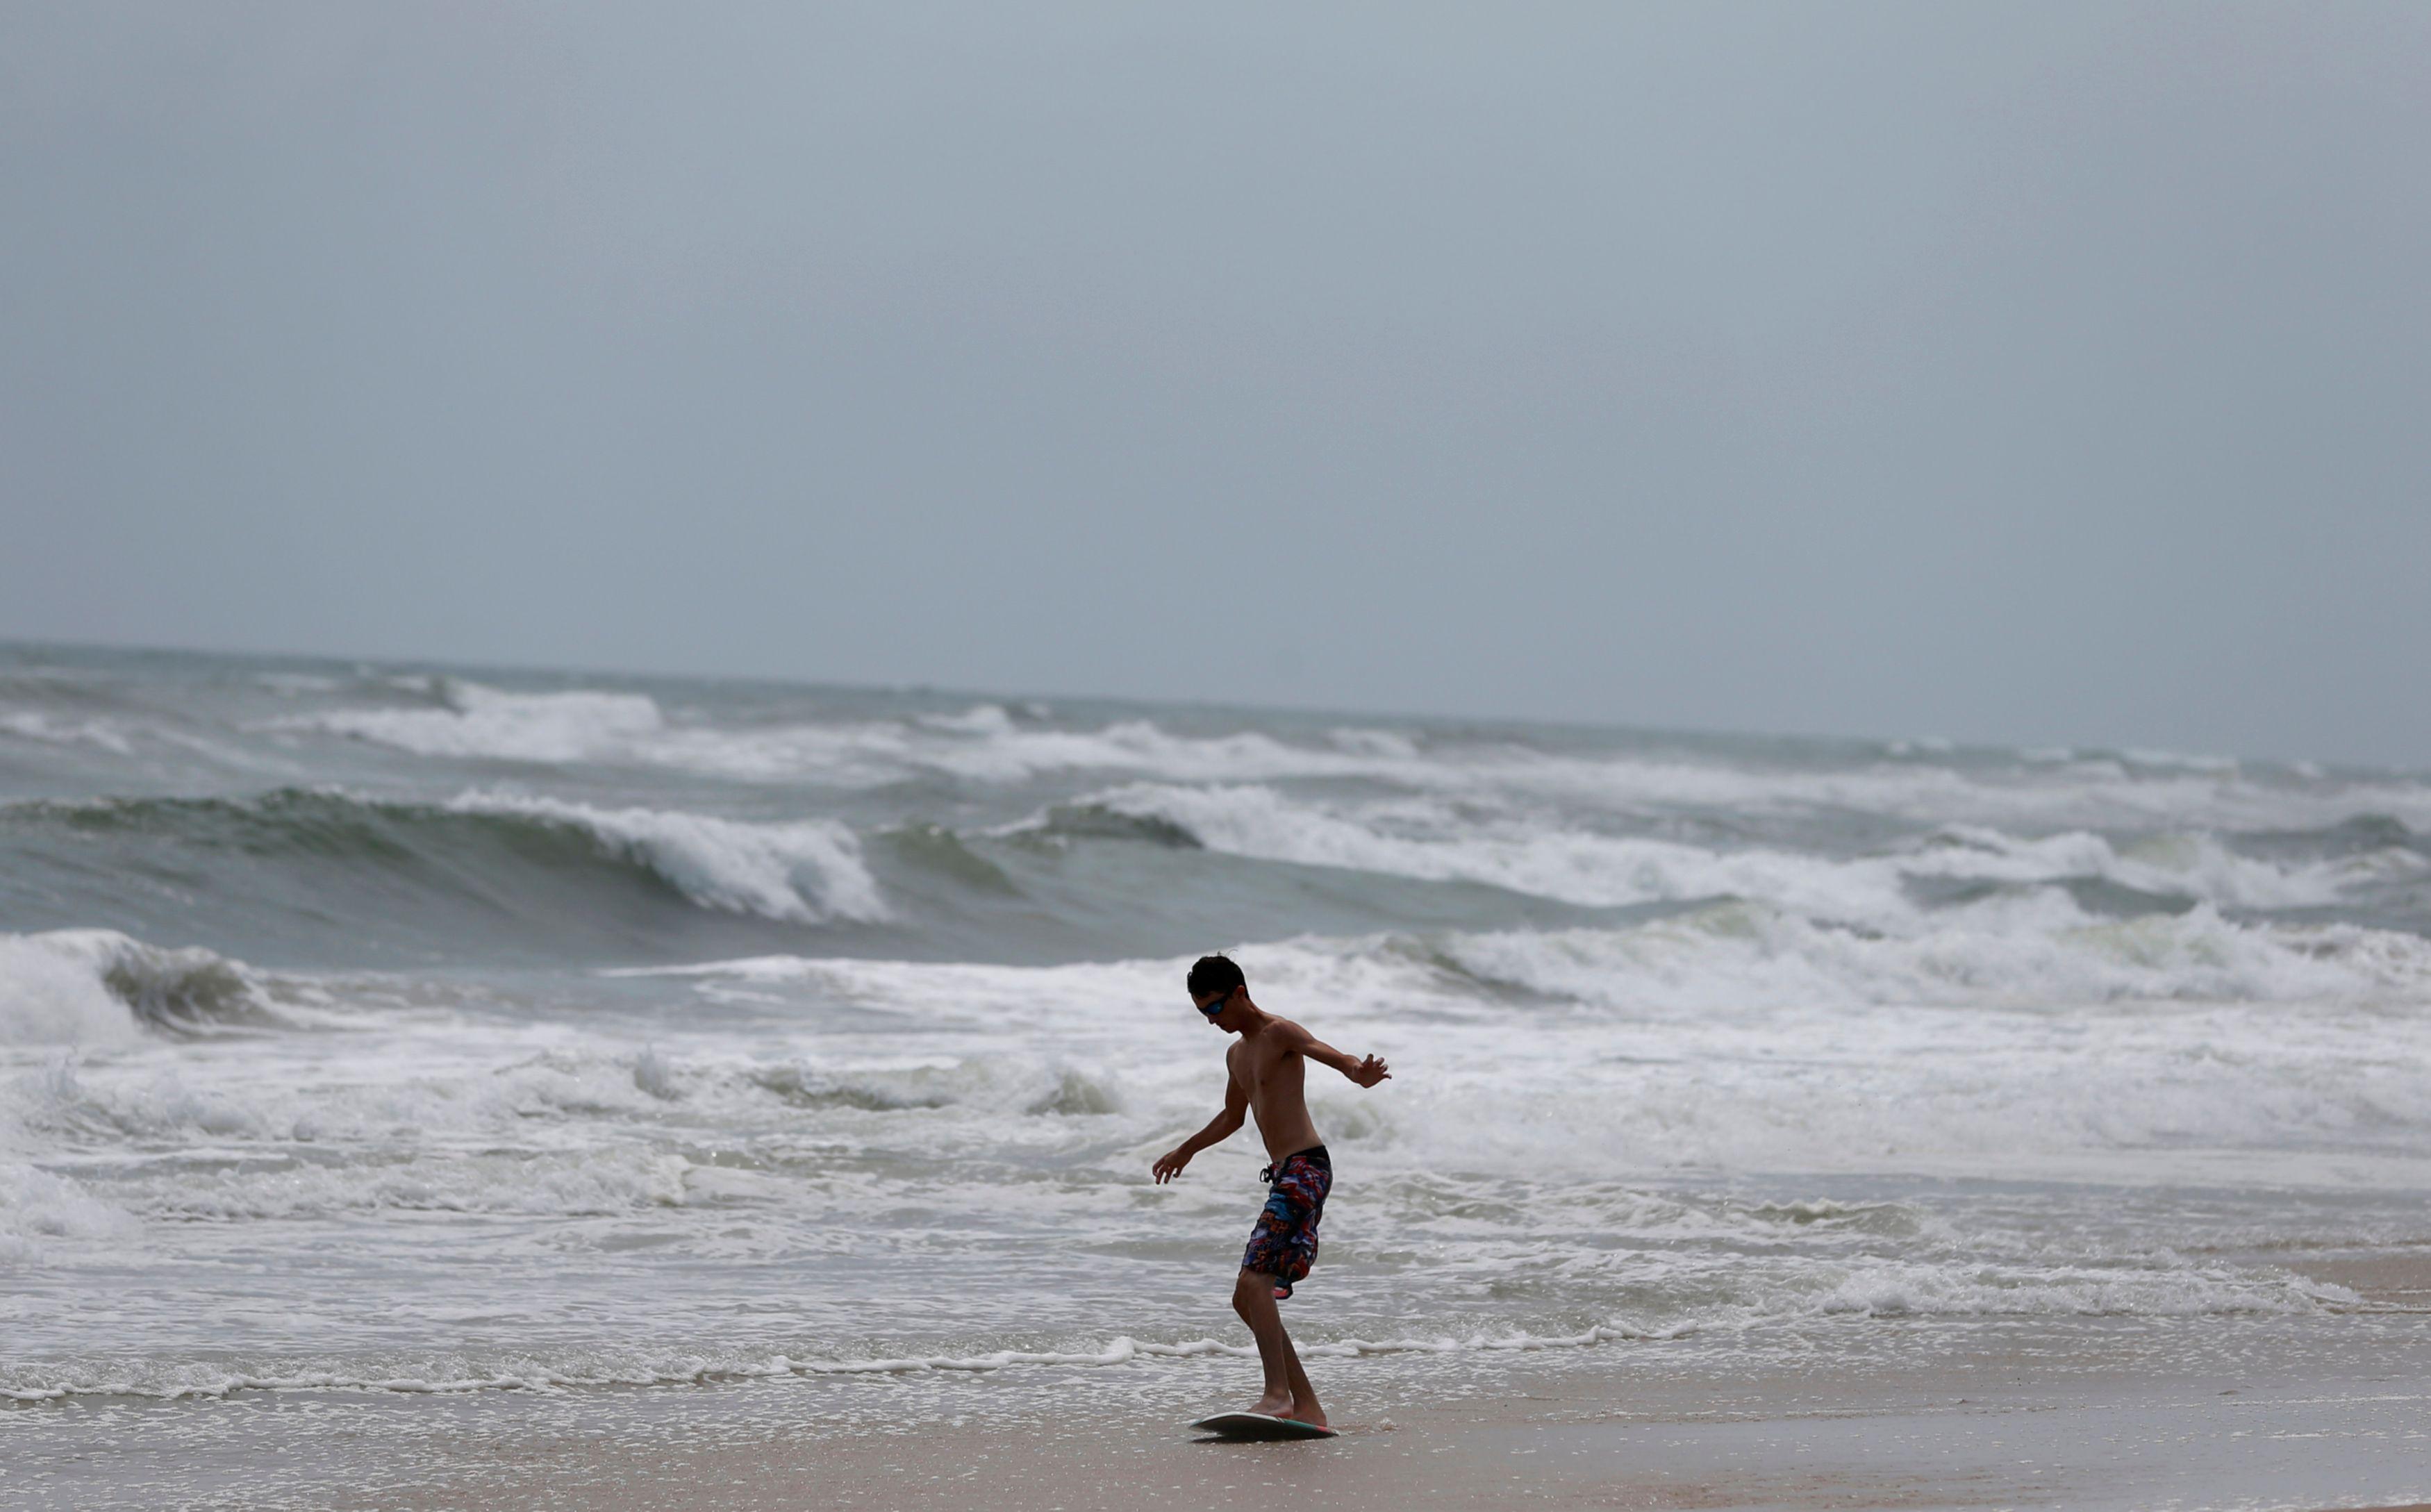 Le niveau des eaux pourrait monter de 1 mètre d'ici 100 à 200 ans.